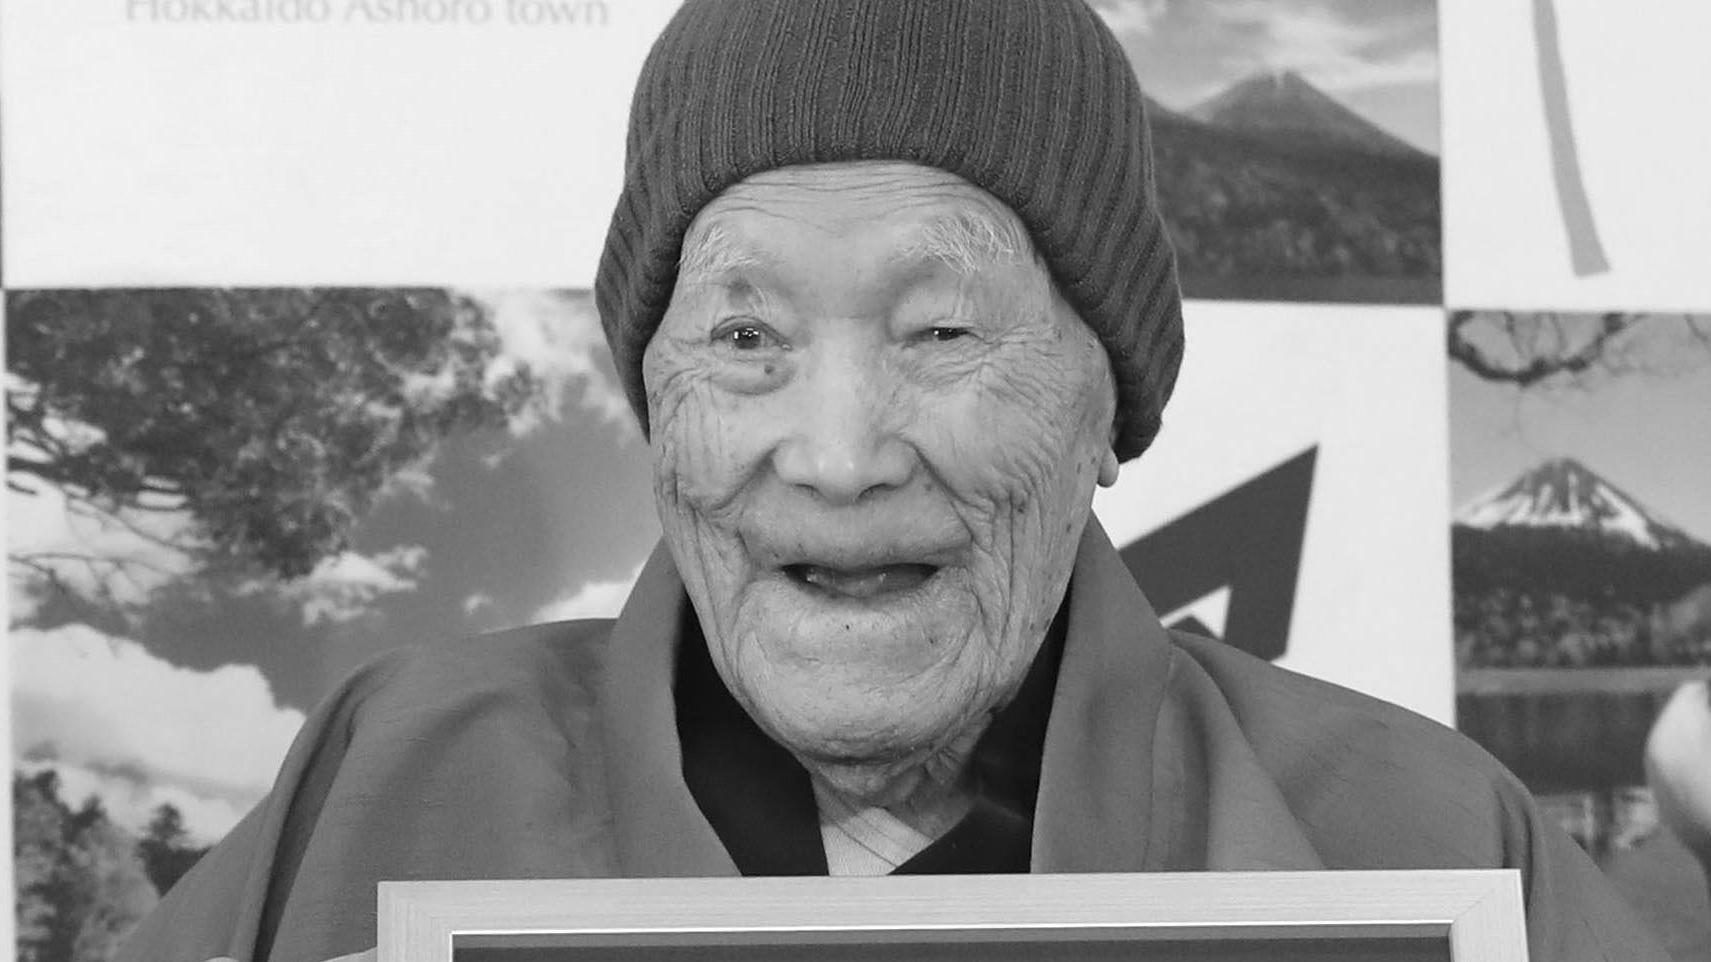 Der Japaner  Masazo Nonaka war mit 113 Jahren der älteste Mann der Welt